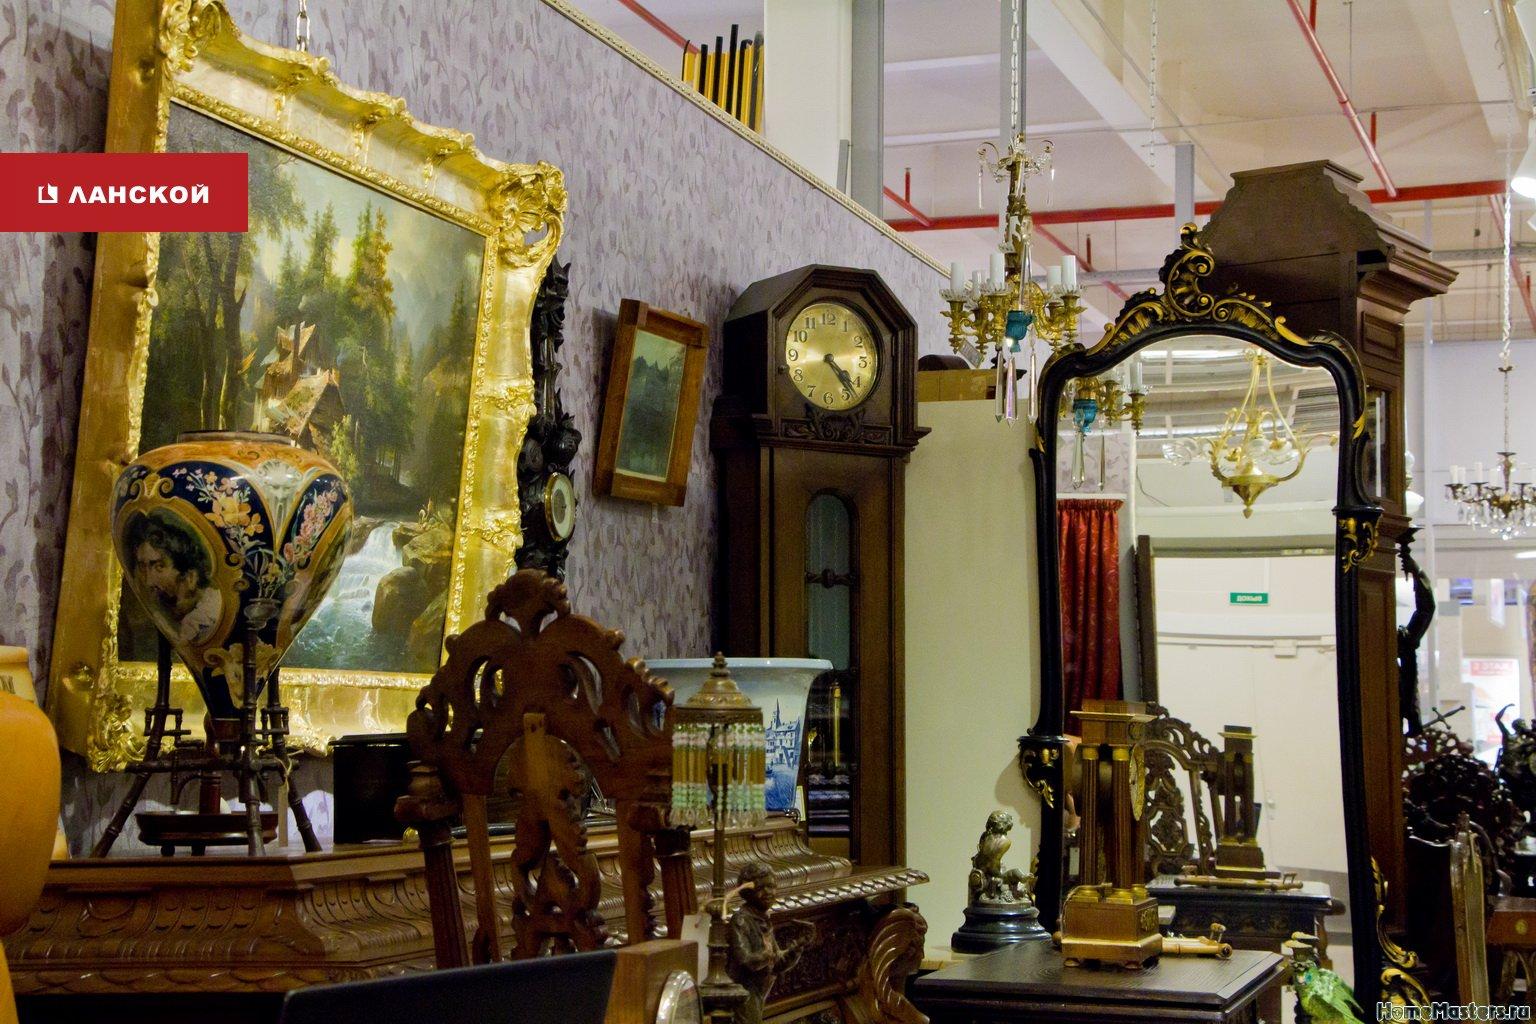 часы, статуэкти, мебель, старинные зеркала в антикварном салоне Санкт-Петербурга